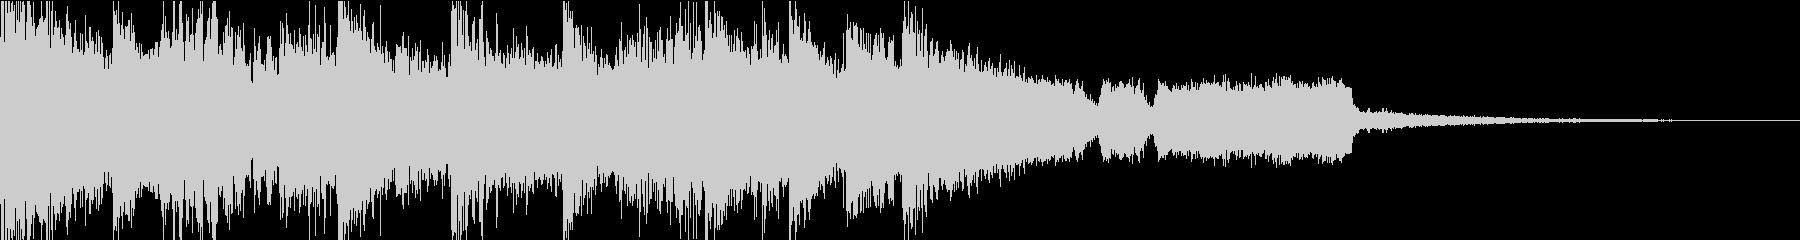 エッジの効いたヘビーなエレクトロ/...の未再生の波形